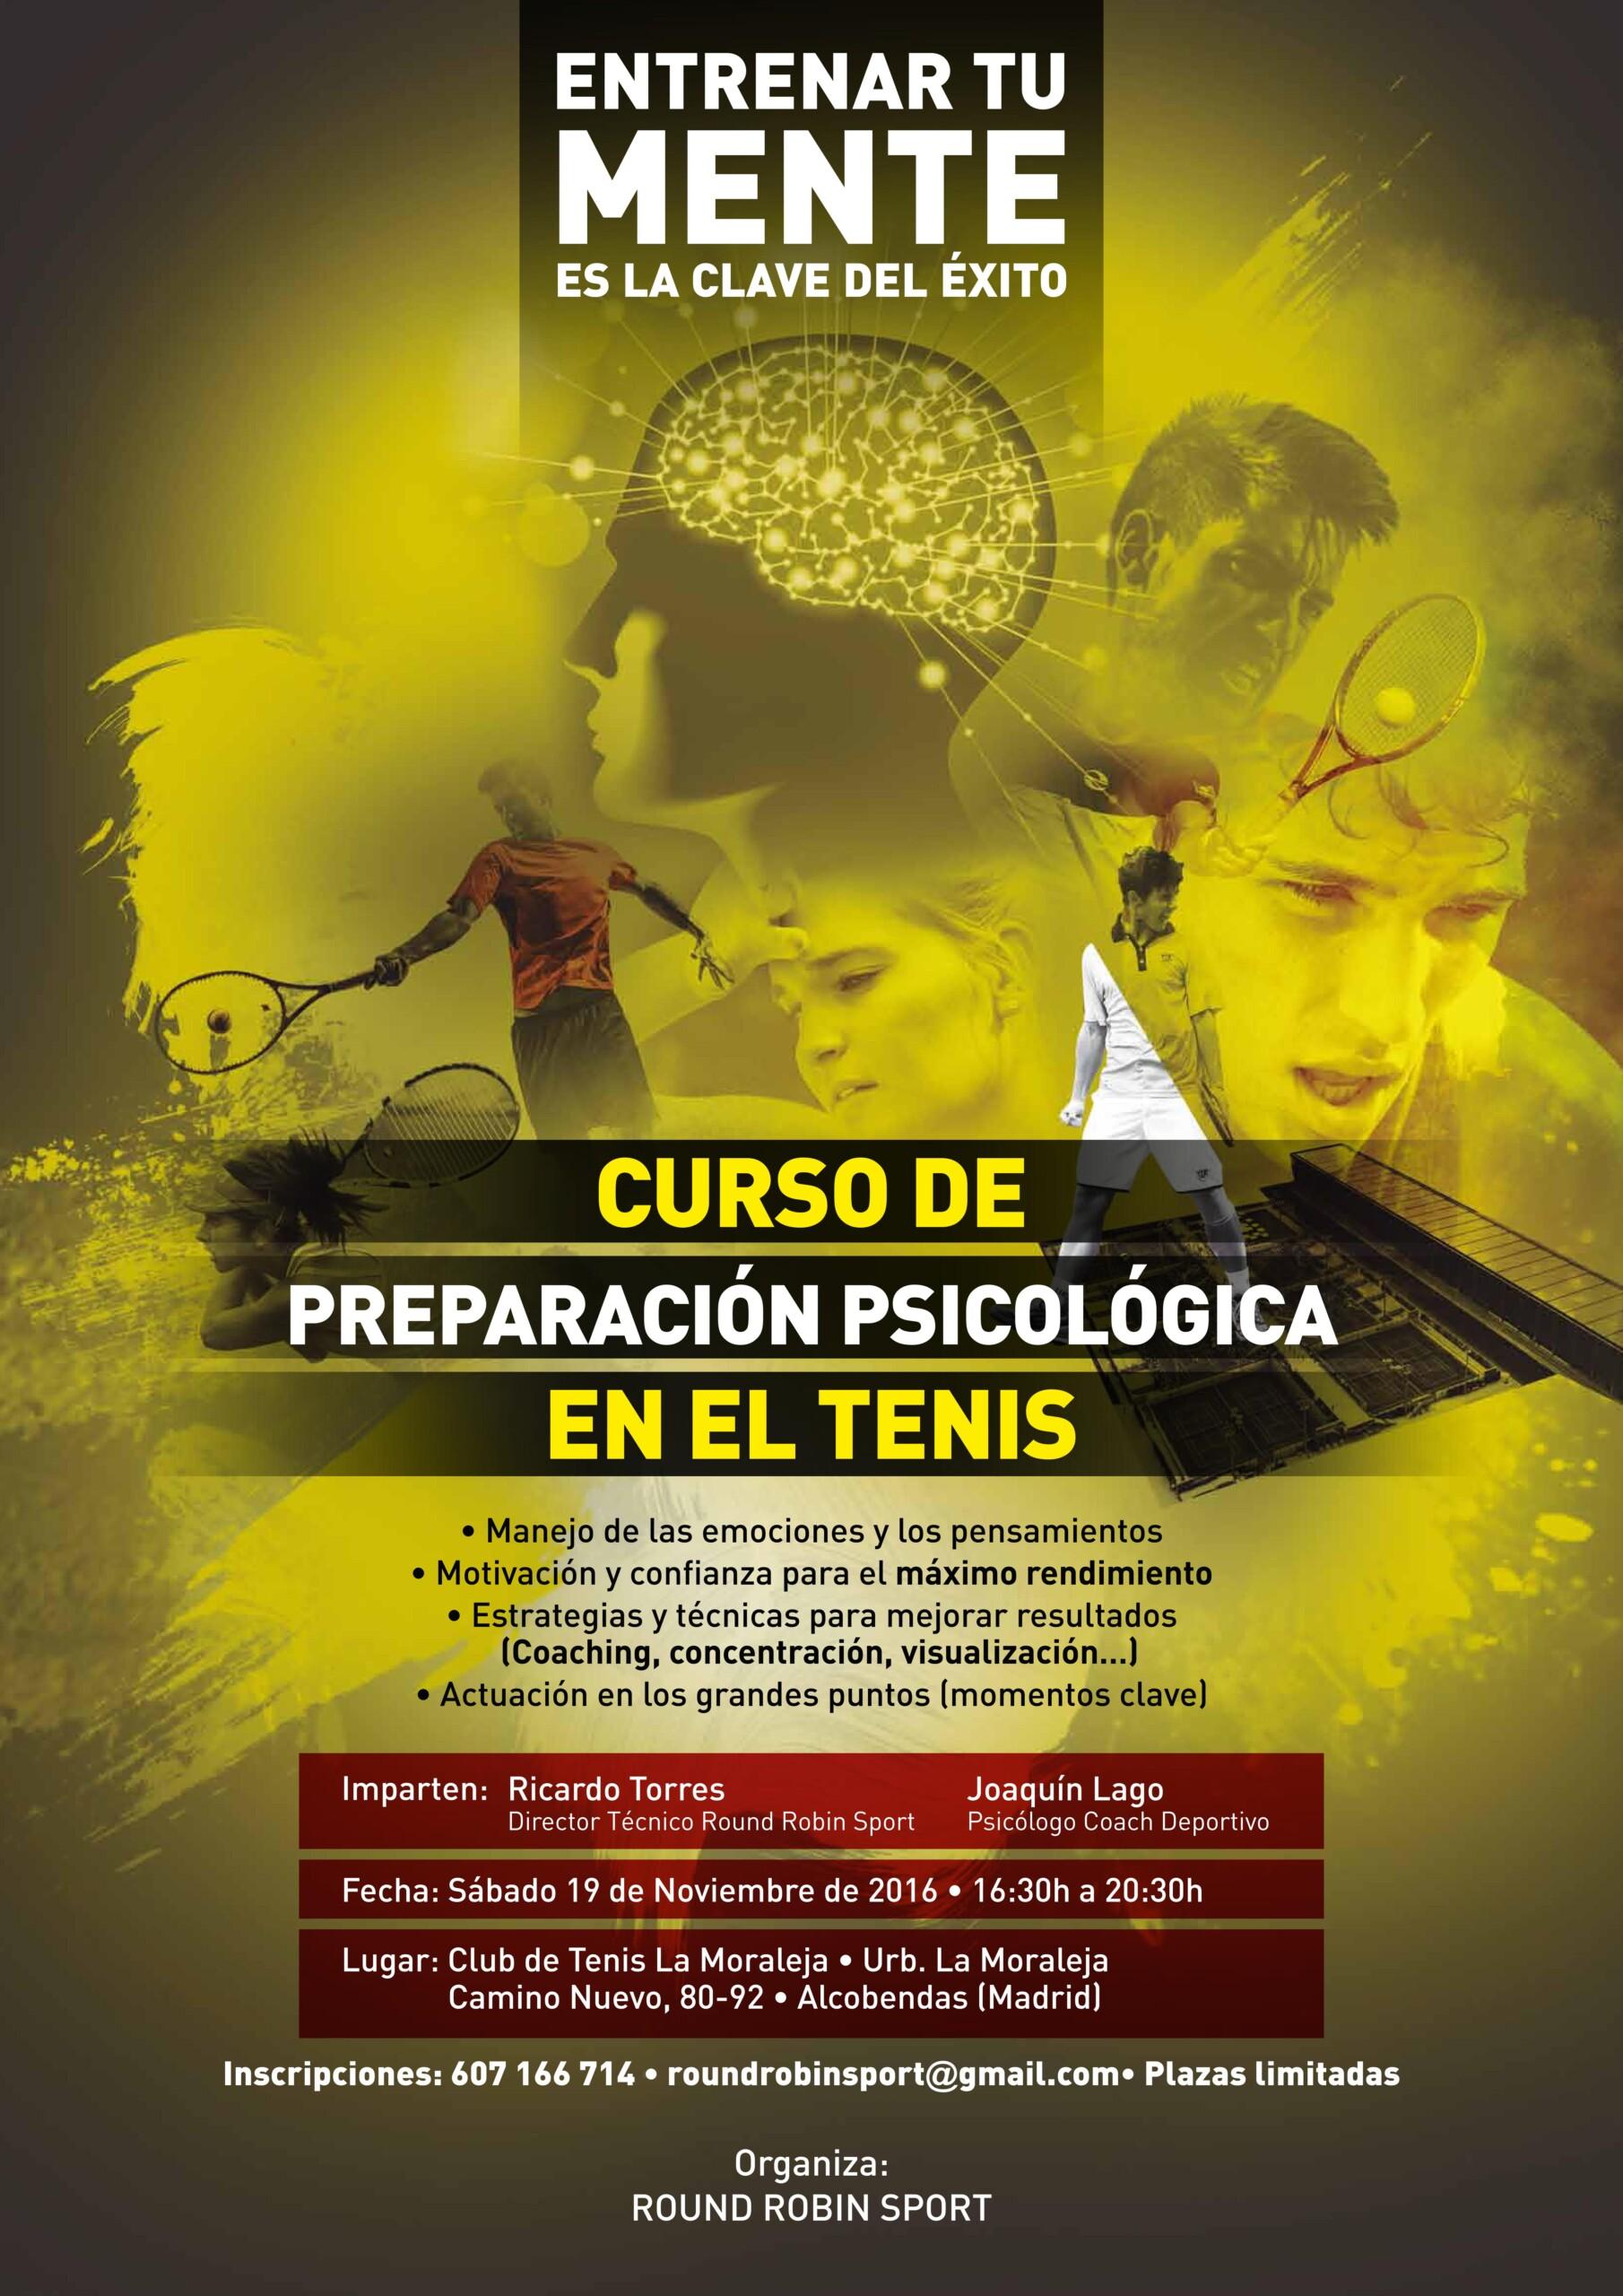 Round Robin sports Entrenamiento mental | Borja Echevarria